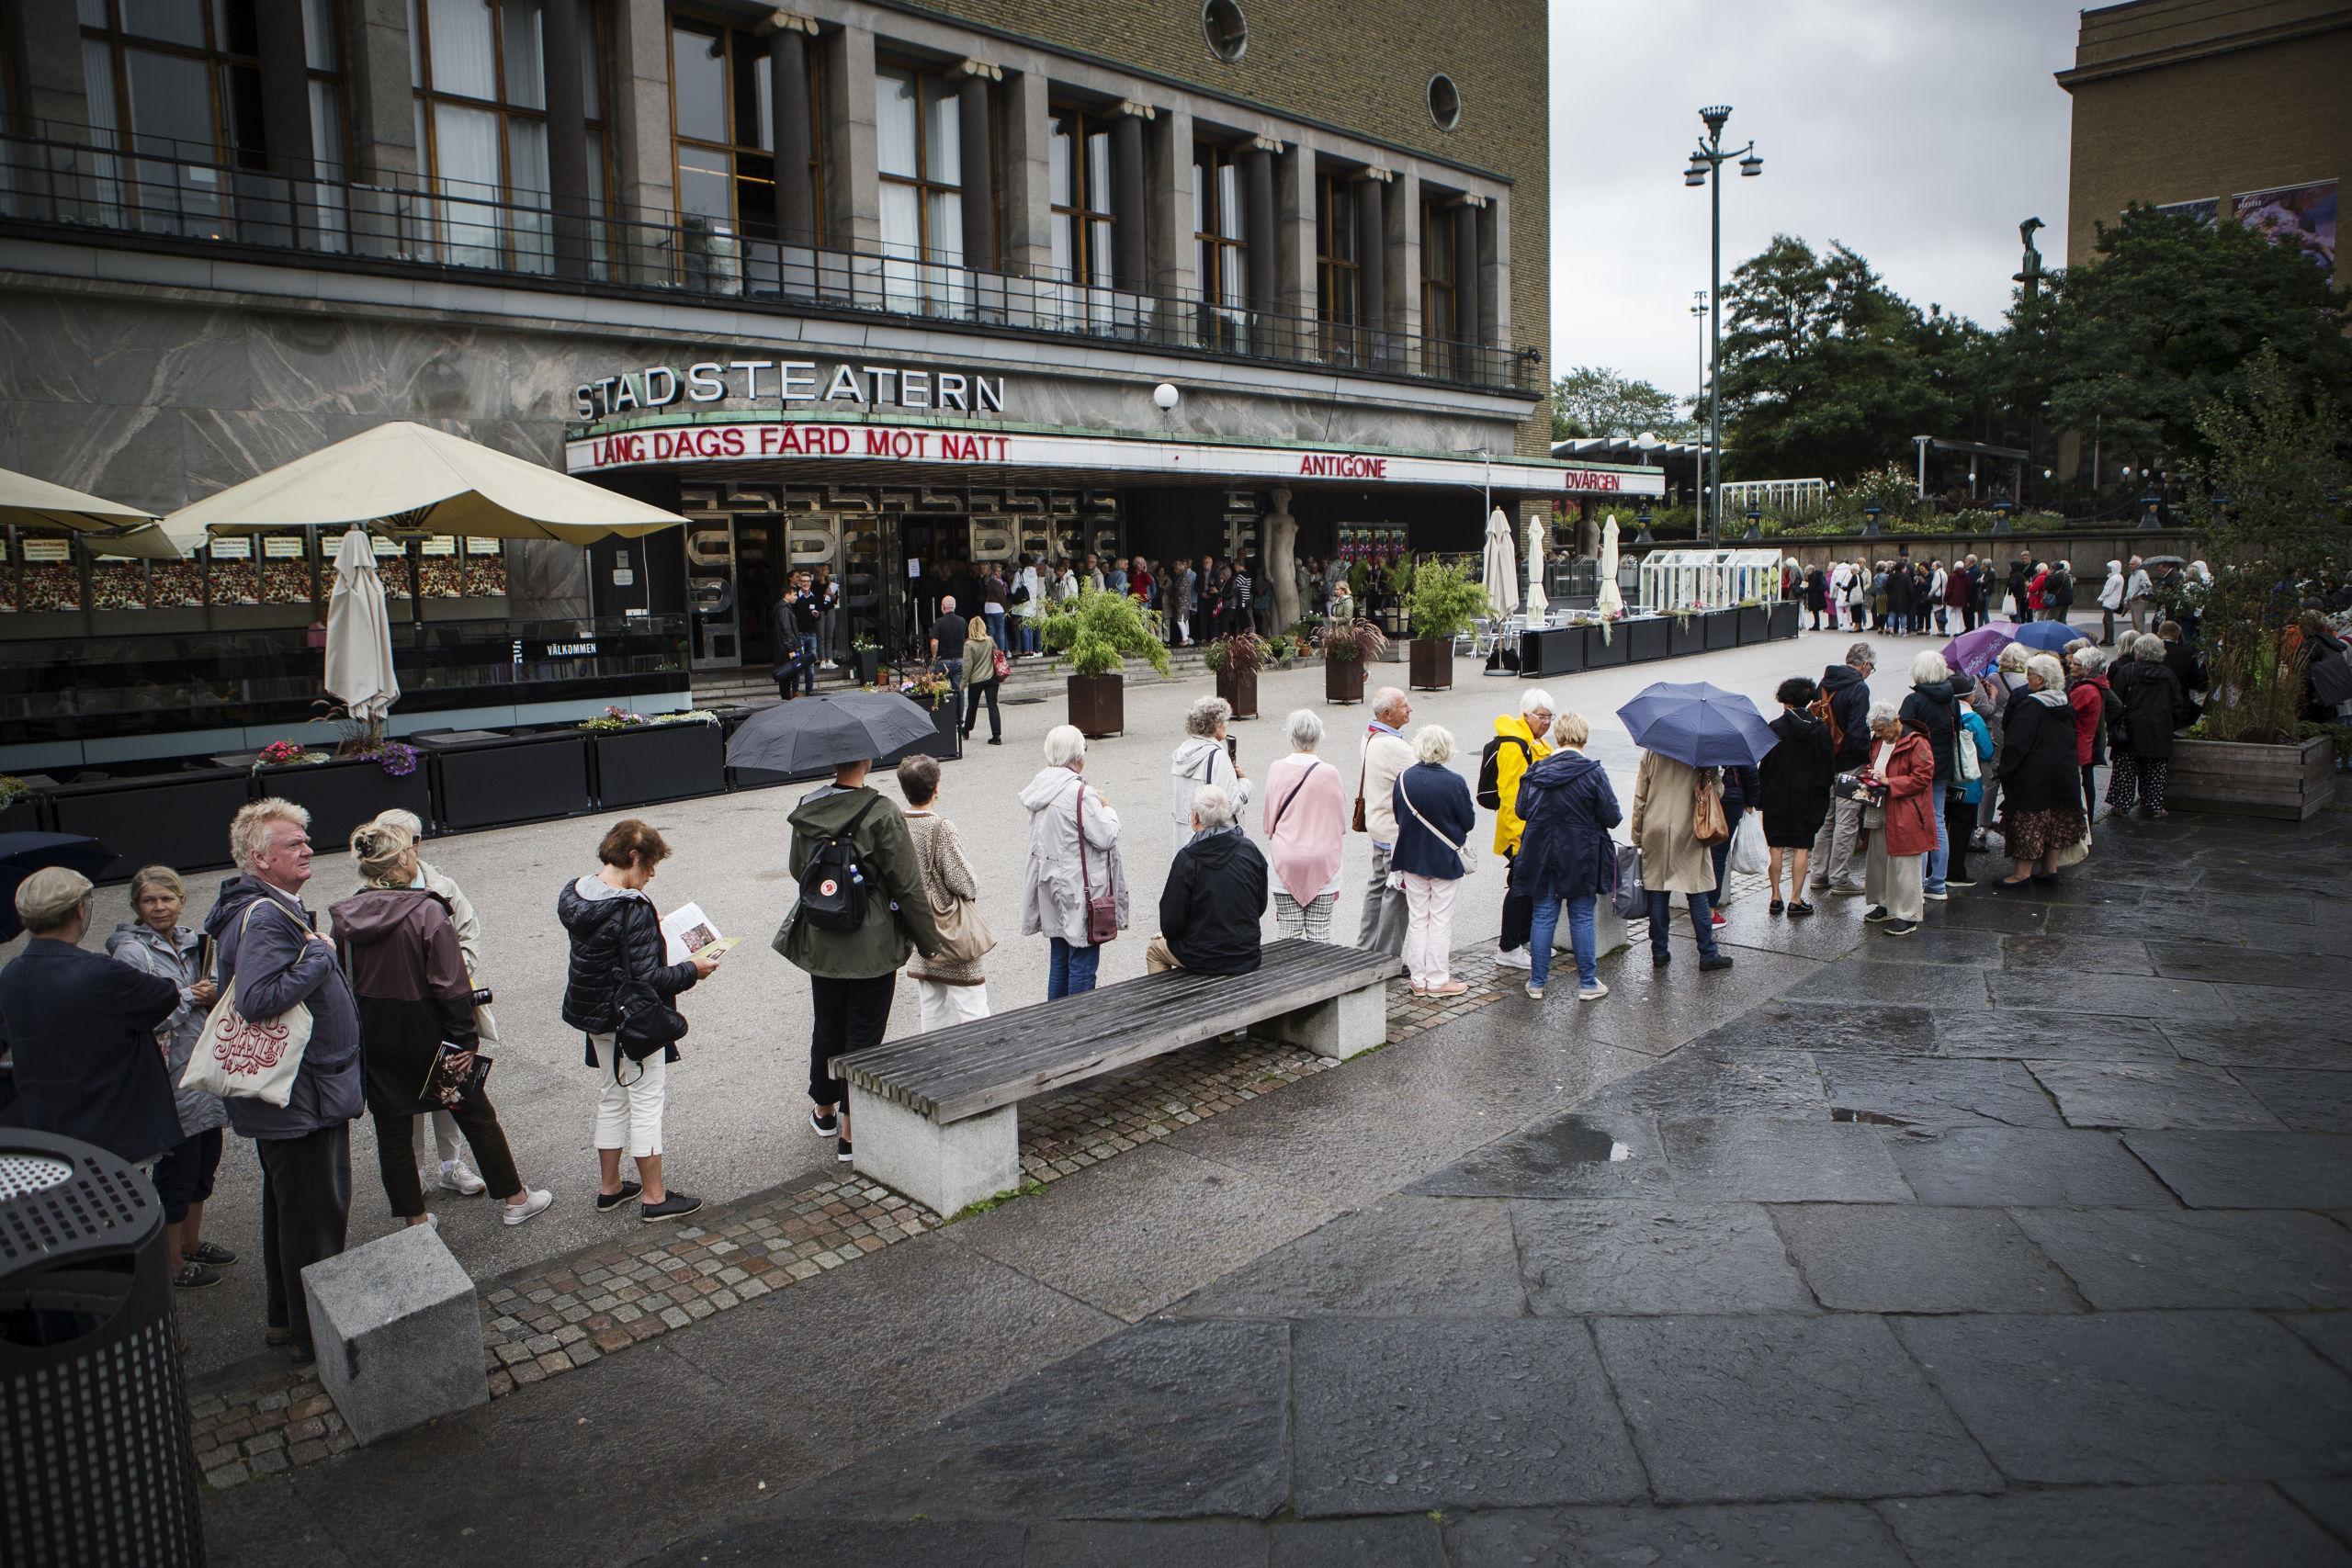 Coronafall på Stadsteatern – stänger två veckor